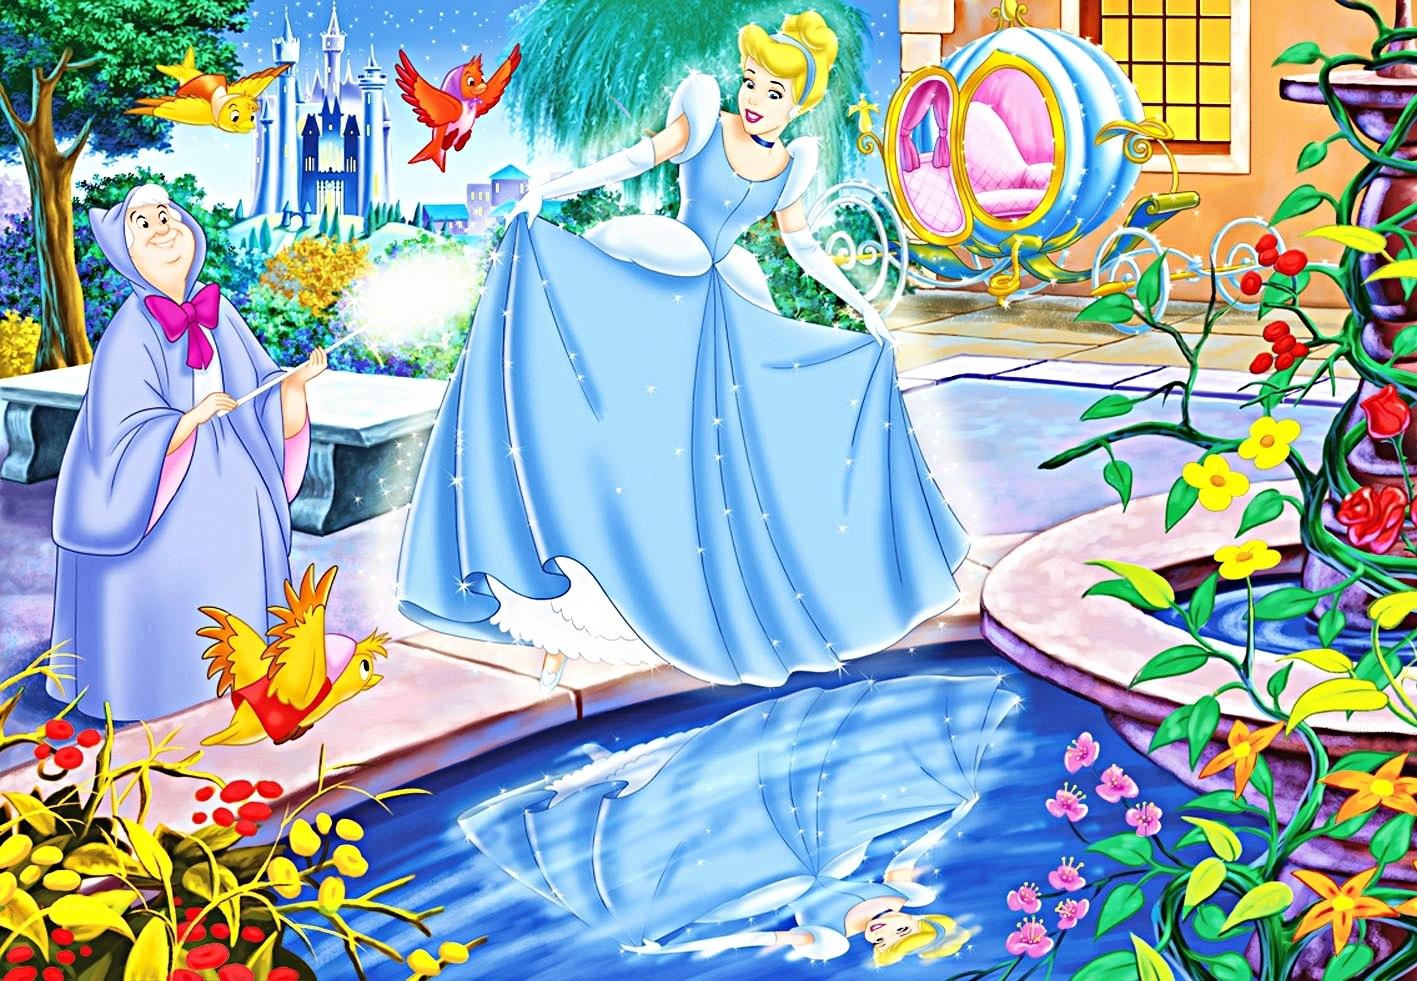 Disney Pixar Cars Wallpapers Free Download Cinderella Walt Disney Wallpapers 9530 Wallpaper